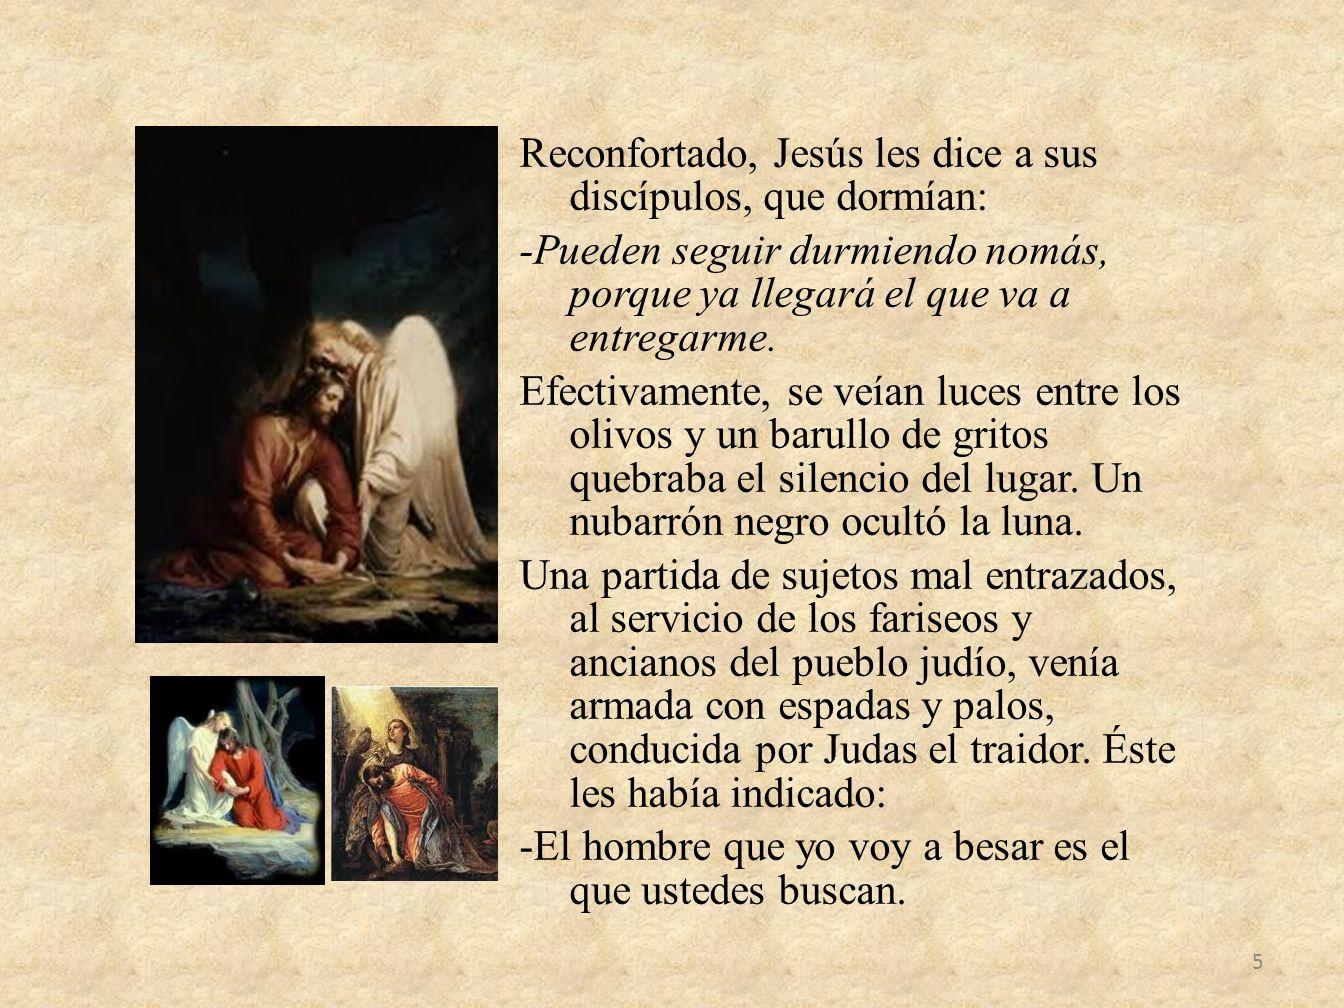 Reconfortado, Jesús les dice a sus discípulos, que dormían: -Pueden seguir durmiendo nomás, porque ya llegará el que va a entregarme.